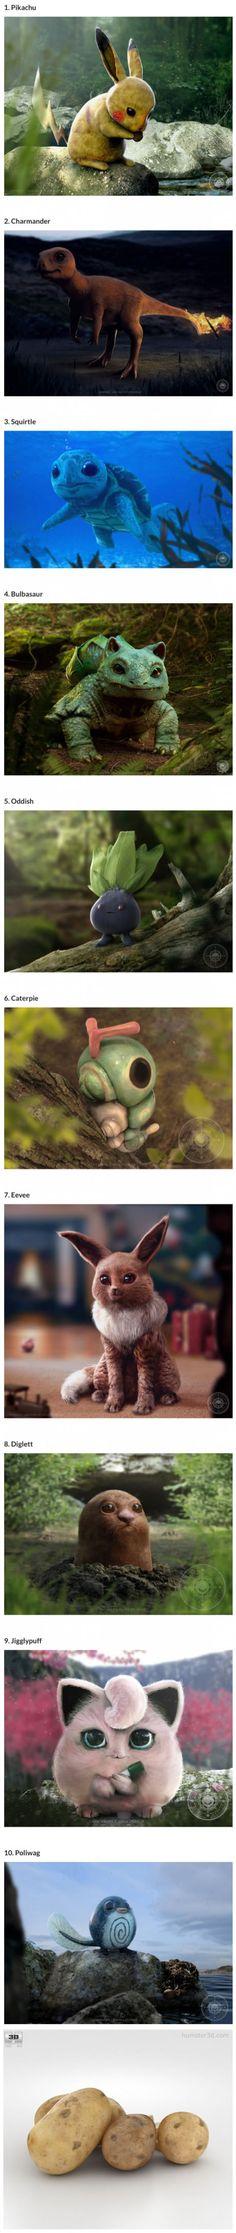 Prepare Yourself For The Most Realistic Pokemon Fan Art Ever